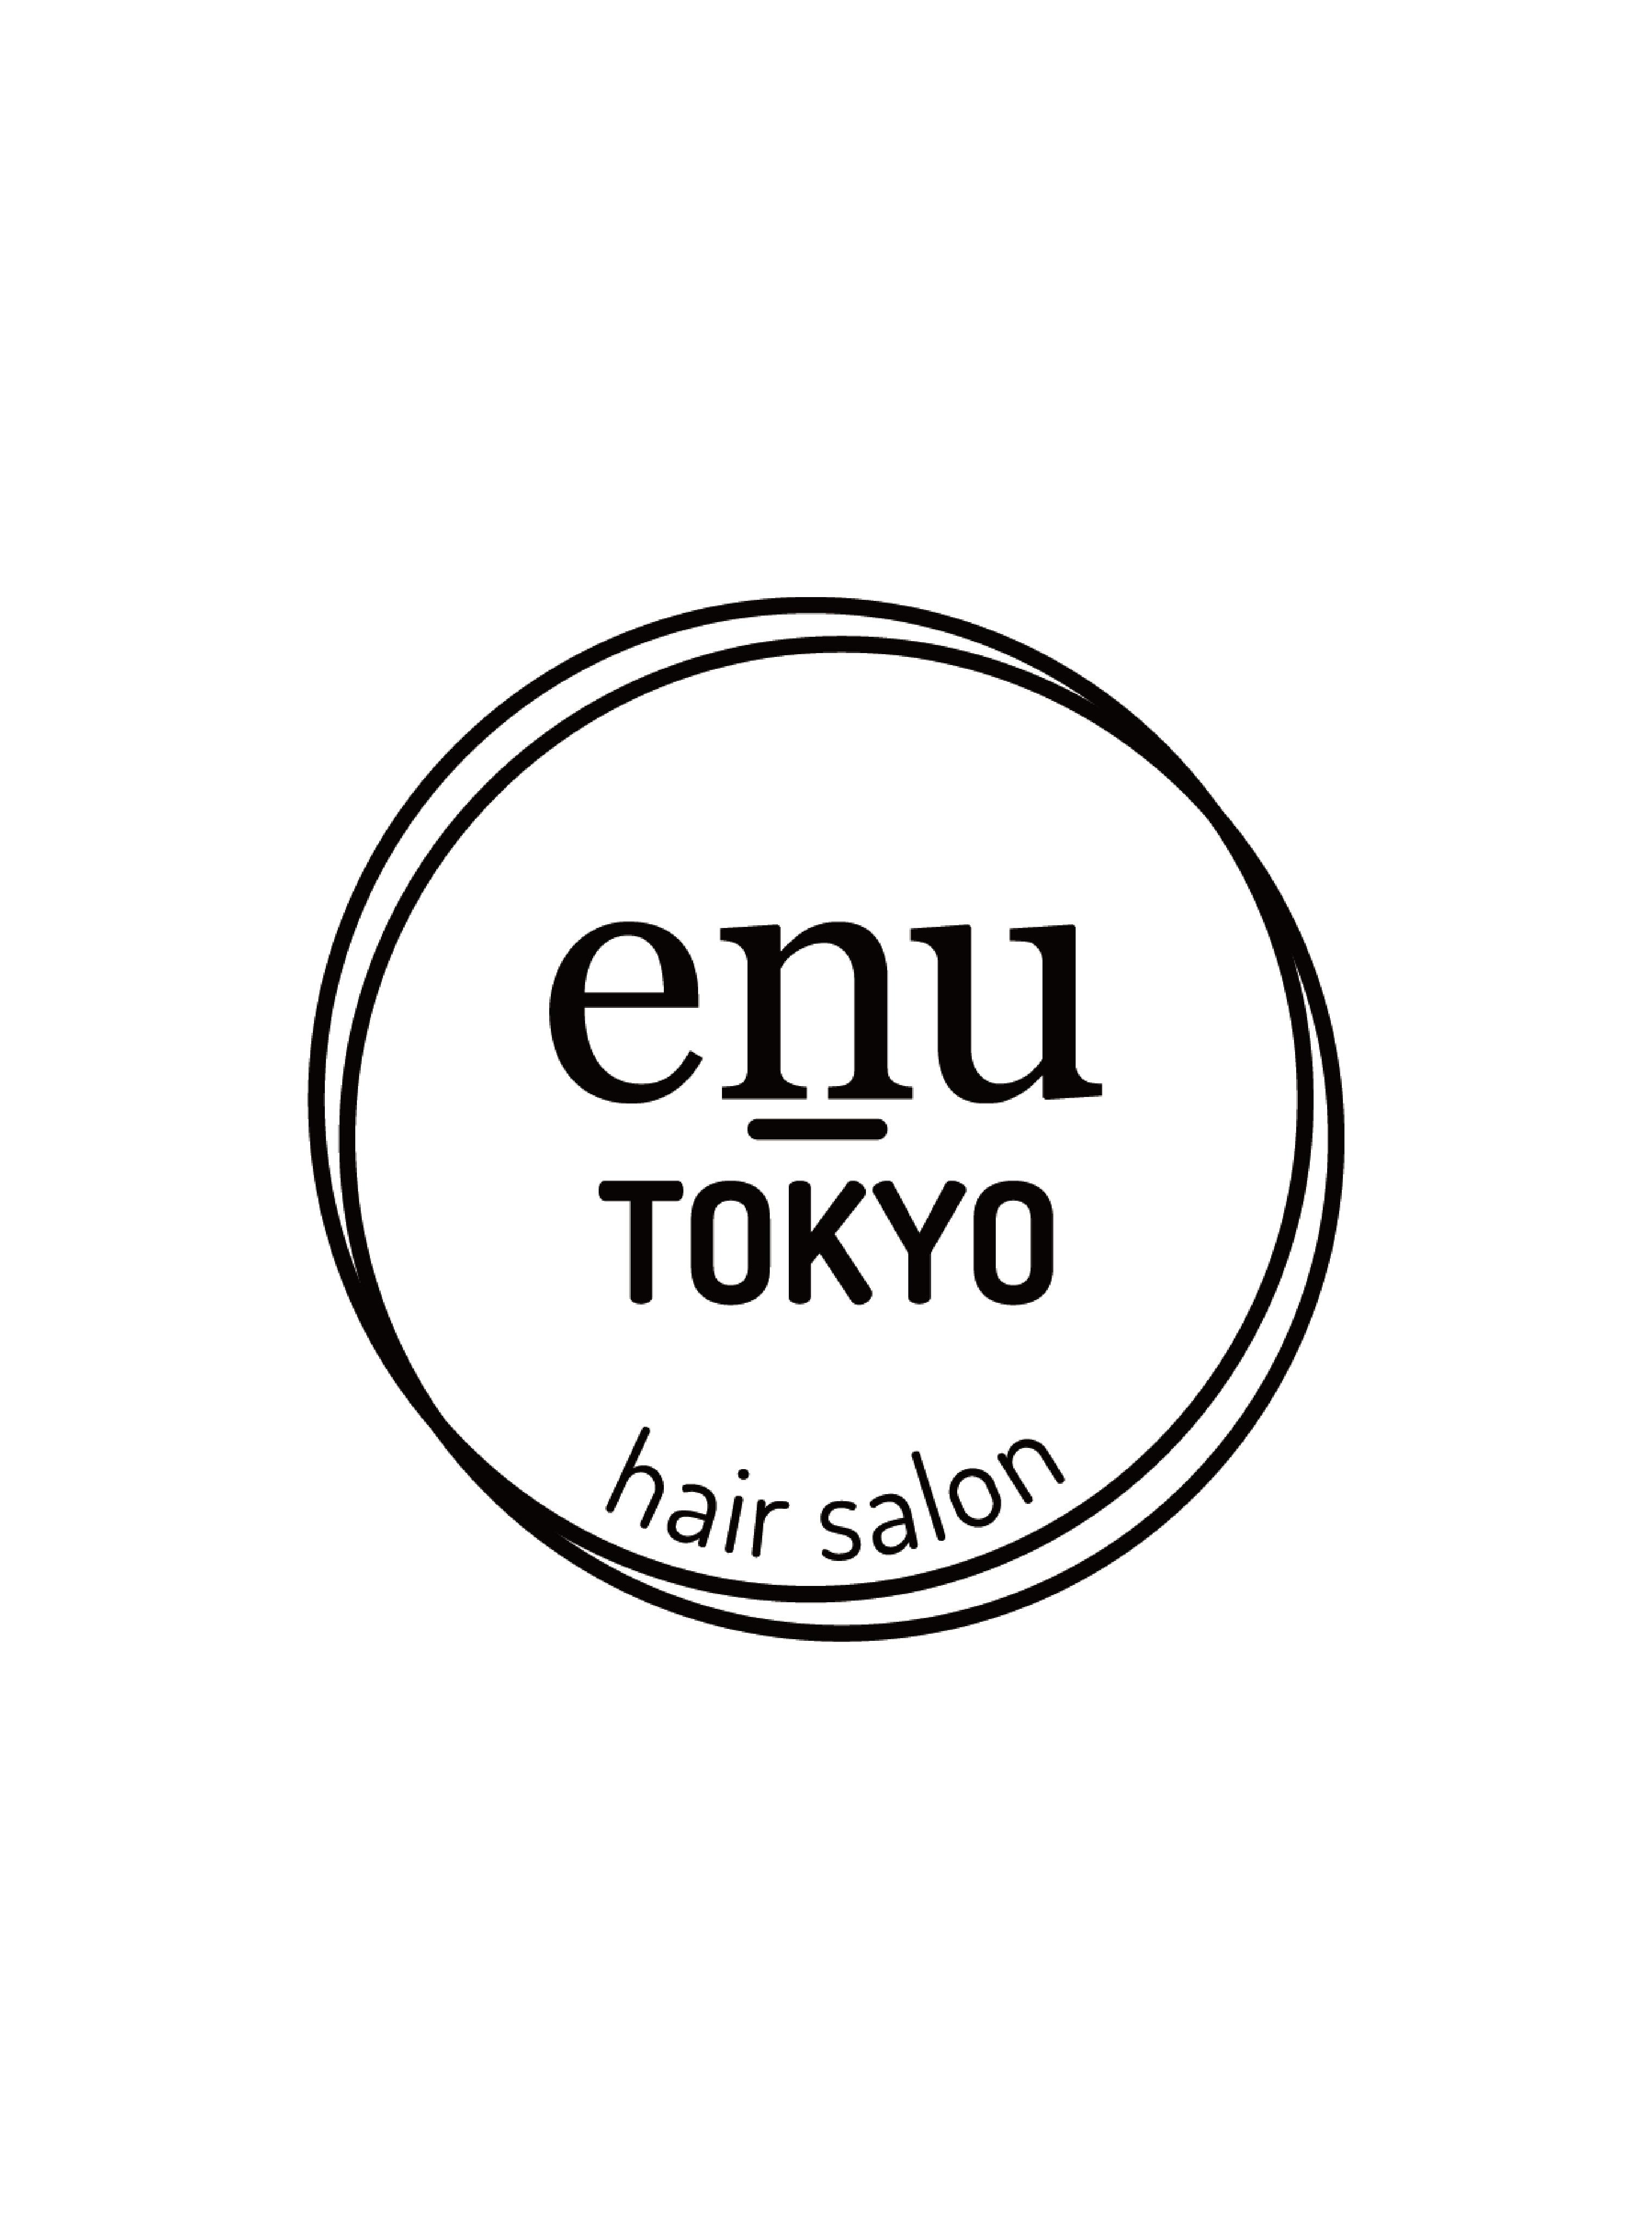 enu TOKYO